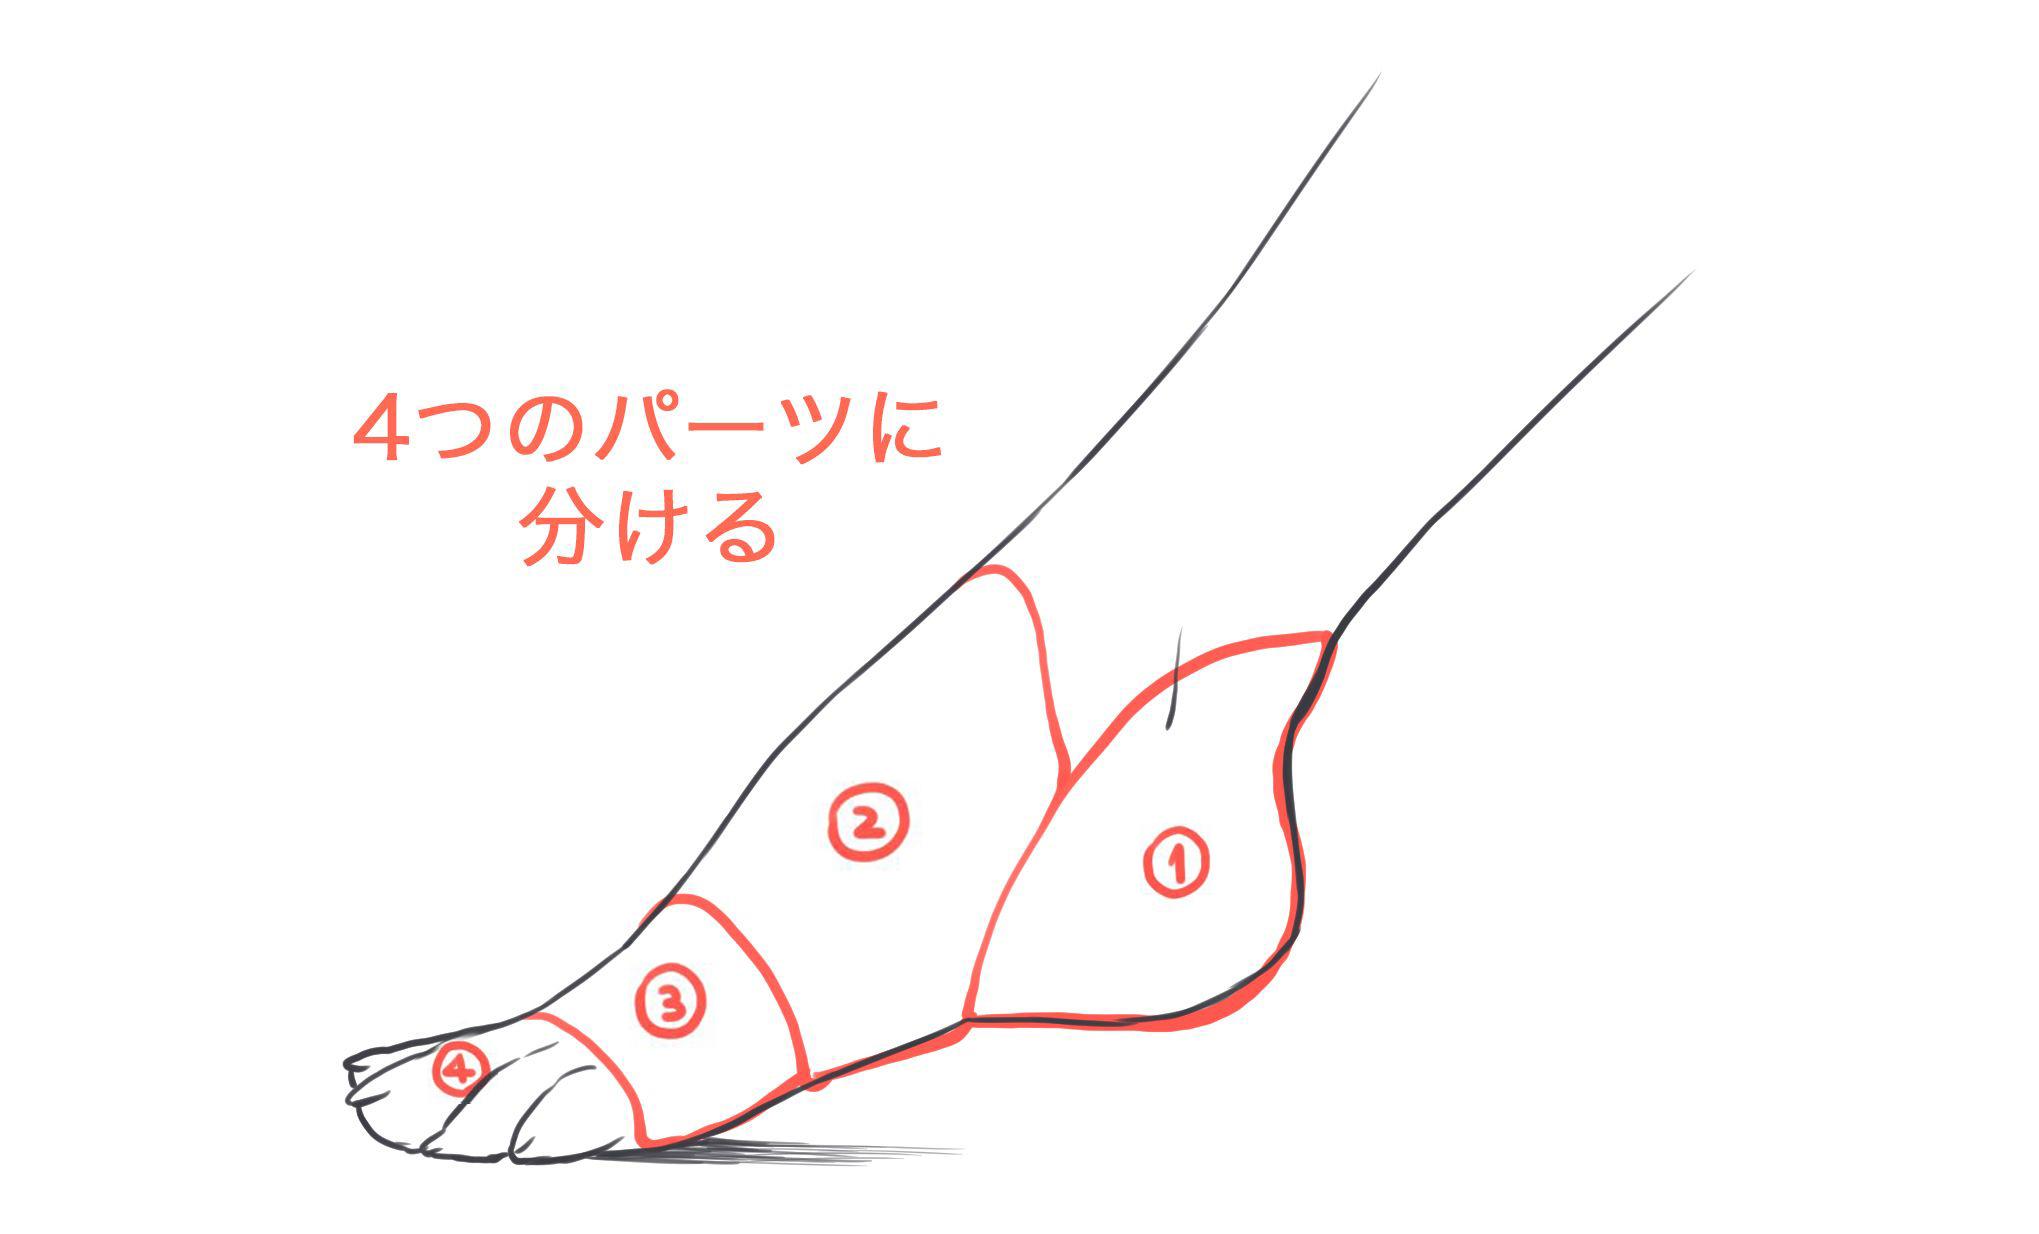 足のパーツ分け